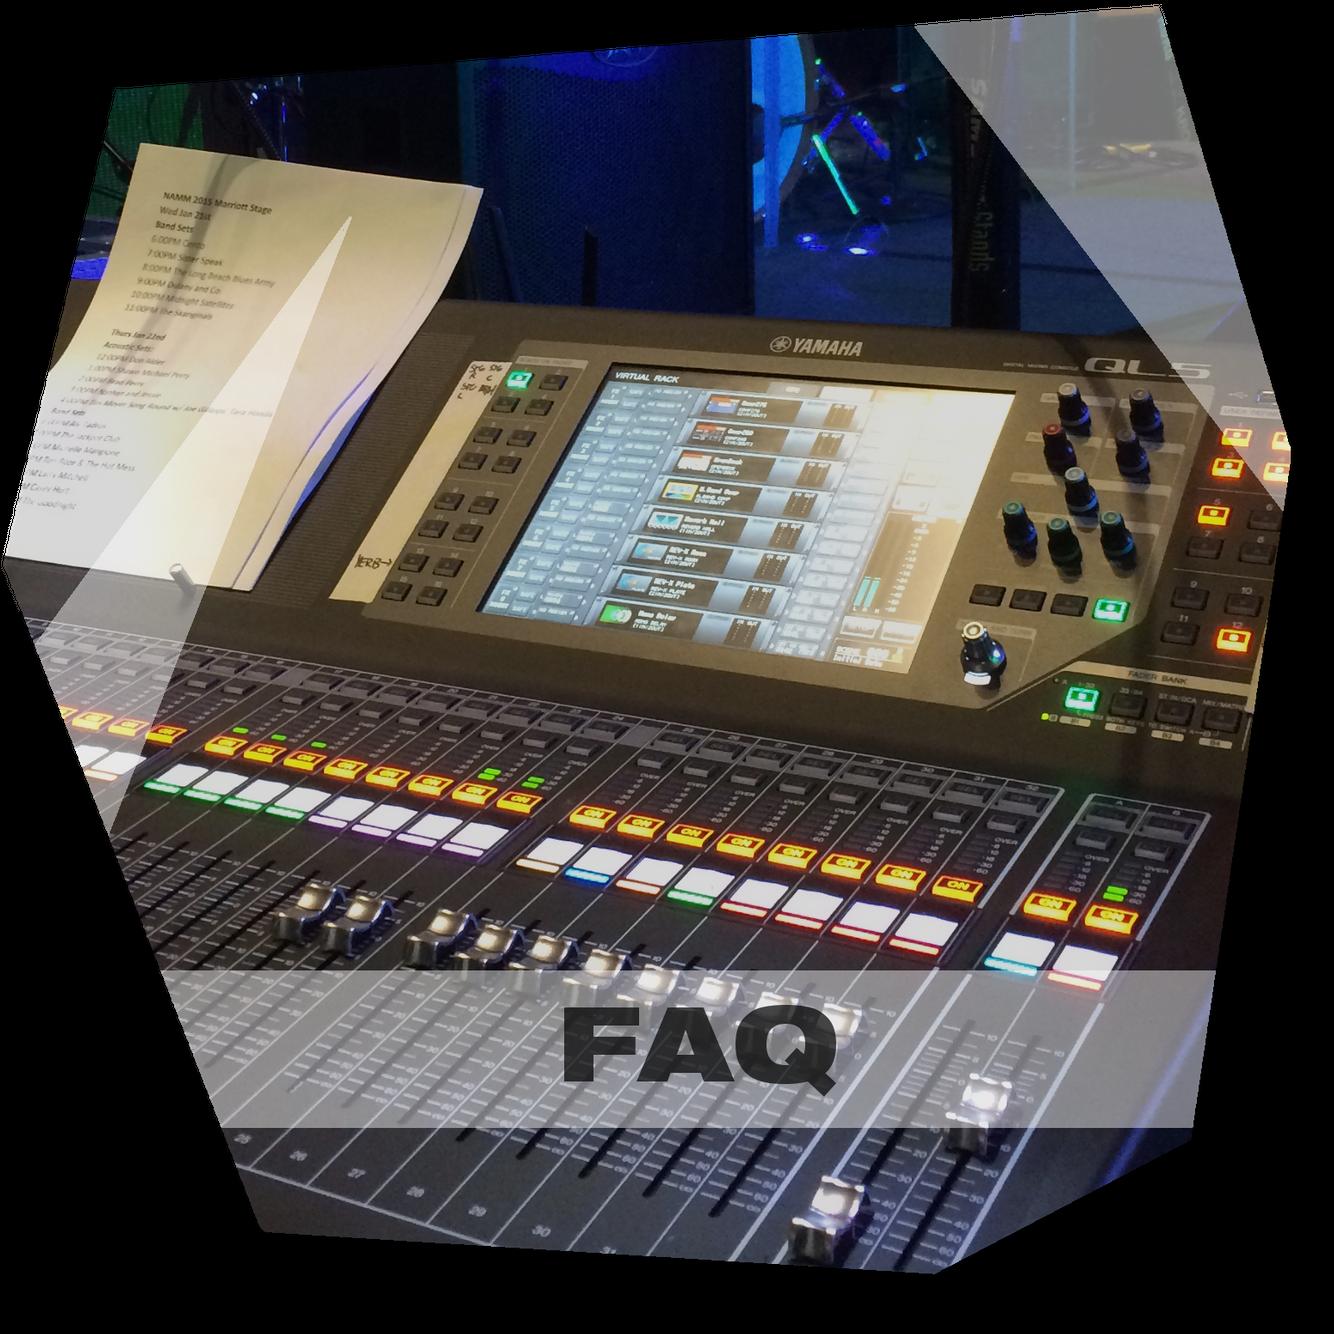 Hollywood Sound Systems - FAQ